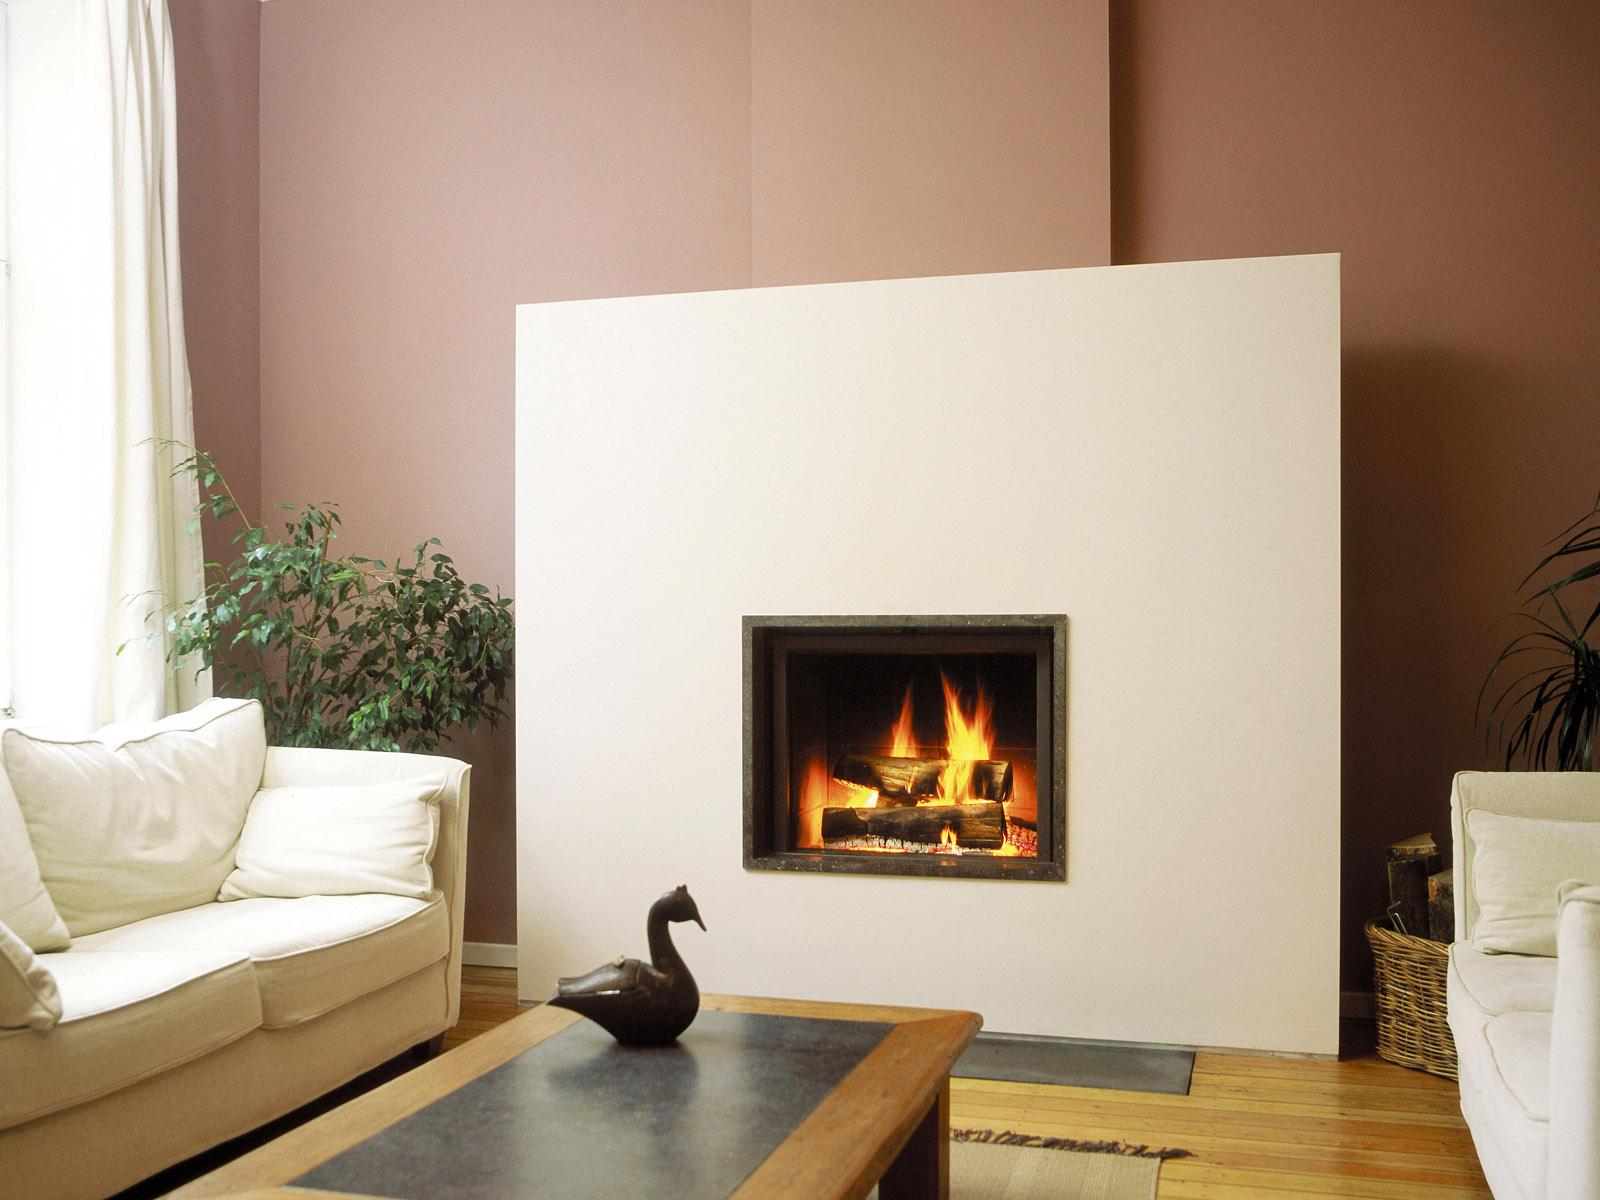 Modern_interior_design_ideas_1 | Joy Studio Design Gallery - Best ...